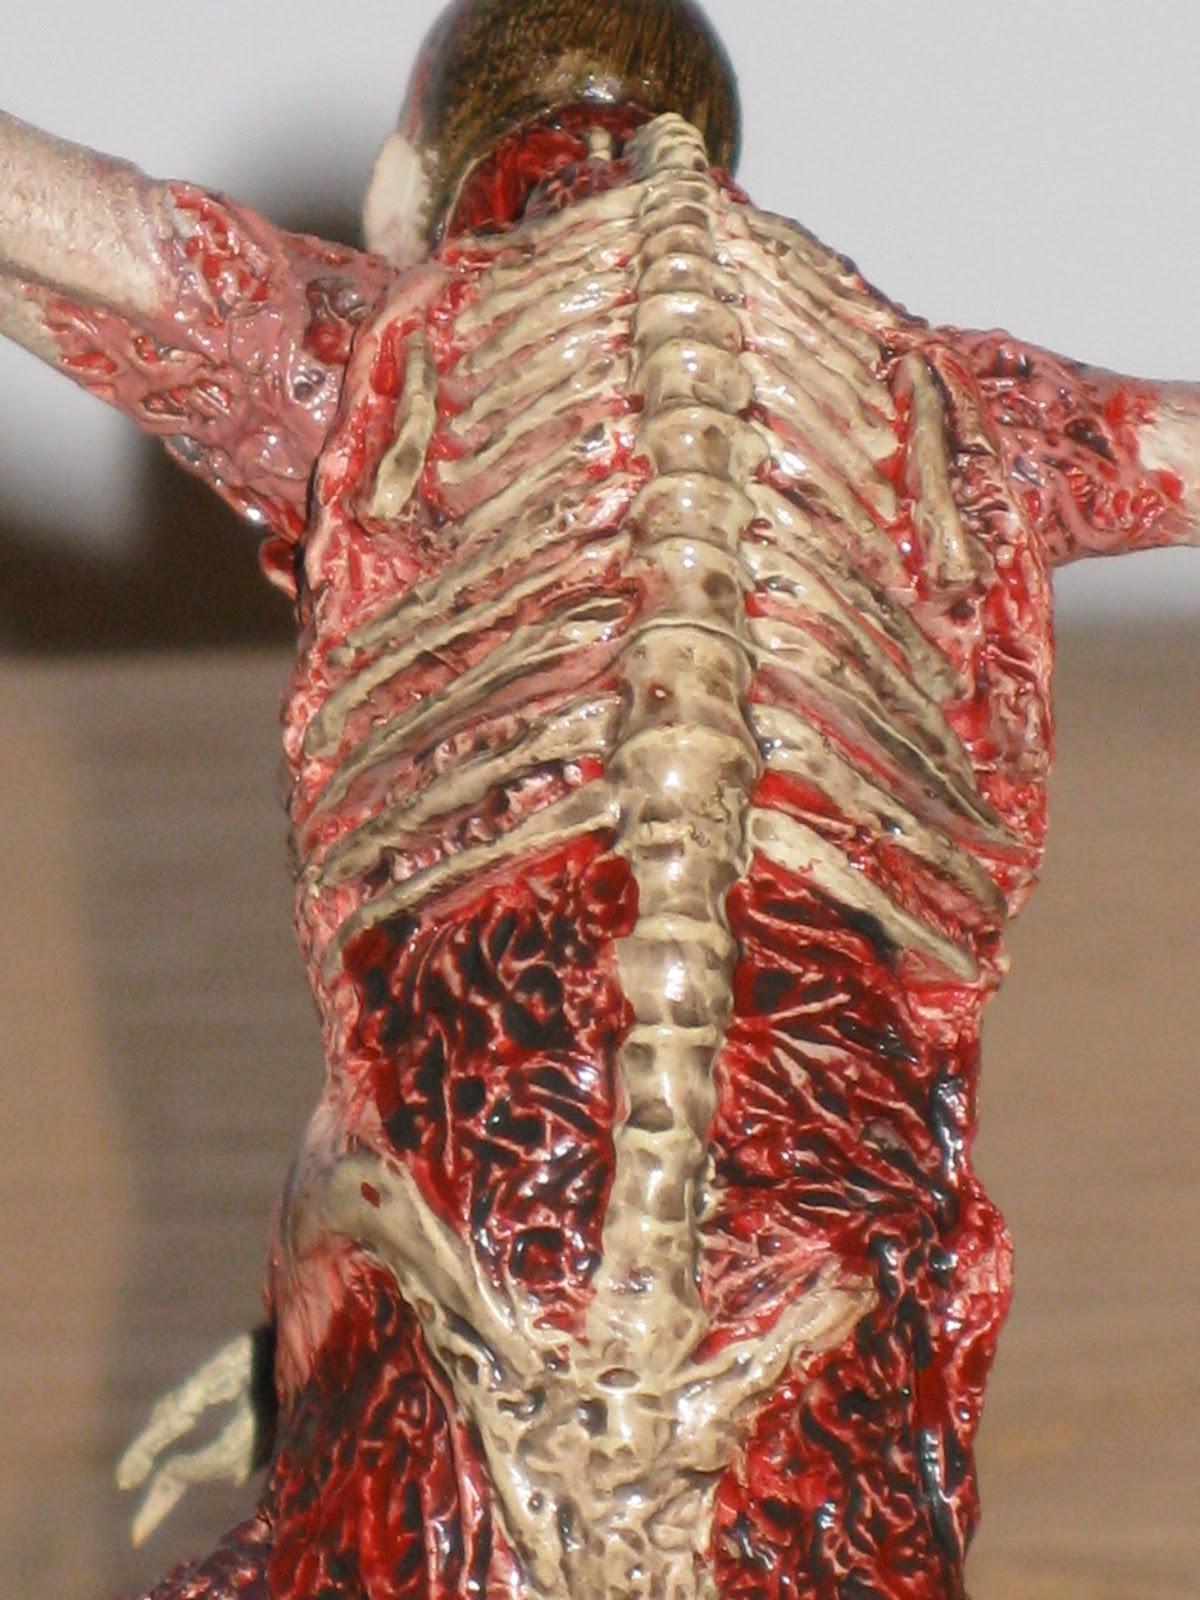 Real Human Spinal Cord